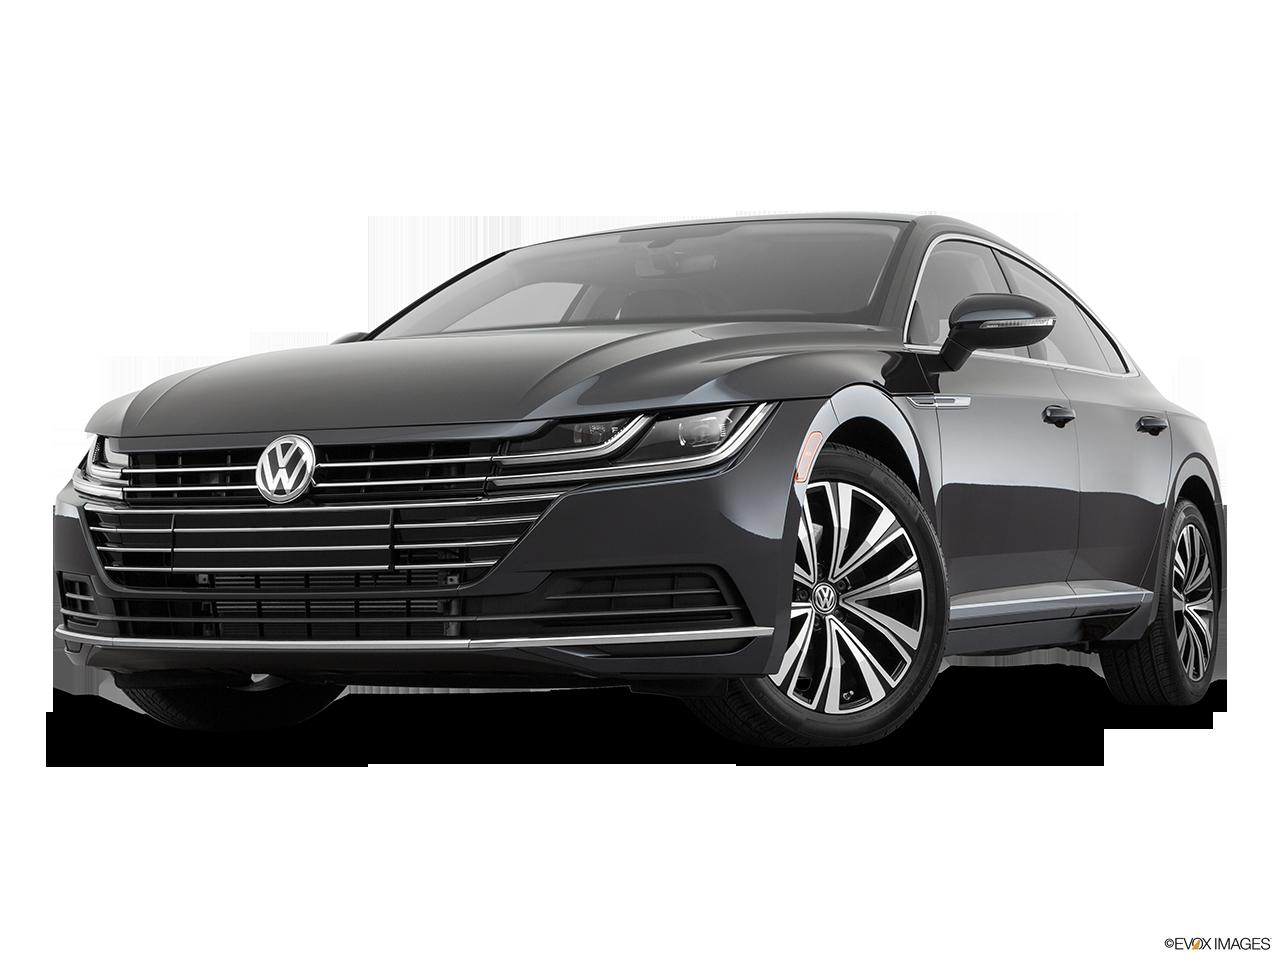 2019 Volkswagen Arteon photo